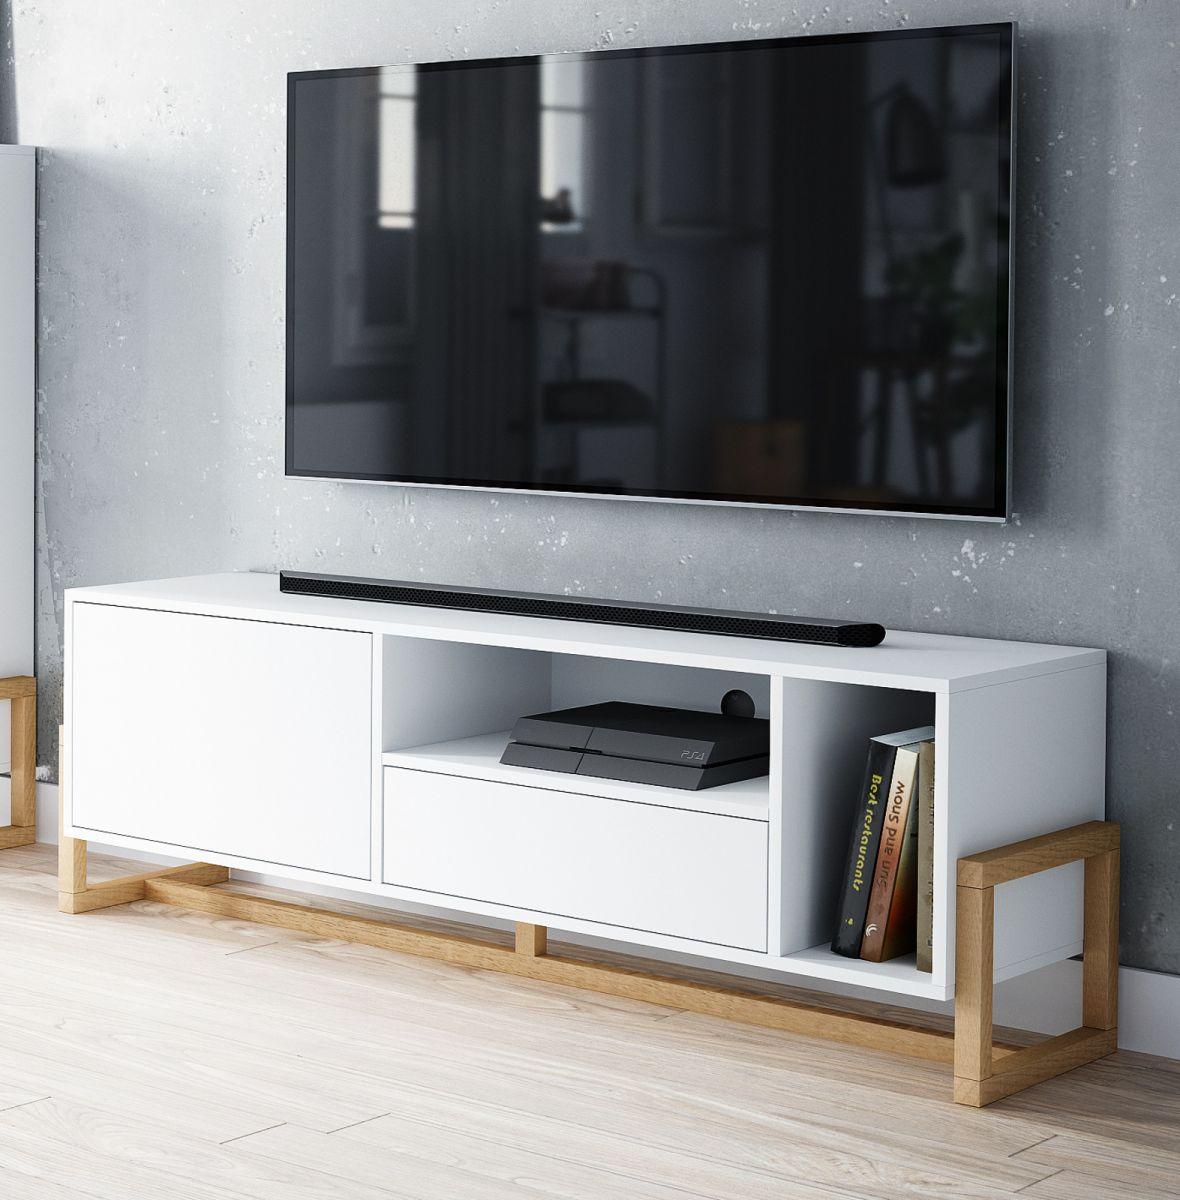 TV-Lowboard Skien in weiss und Buche massiv 139 x 49 cm